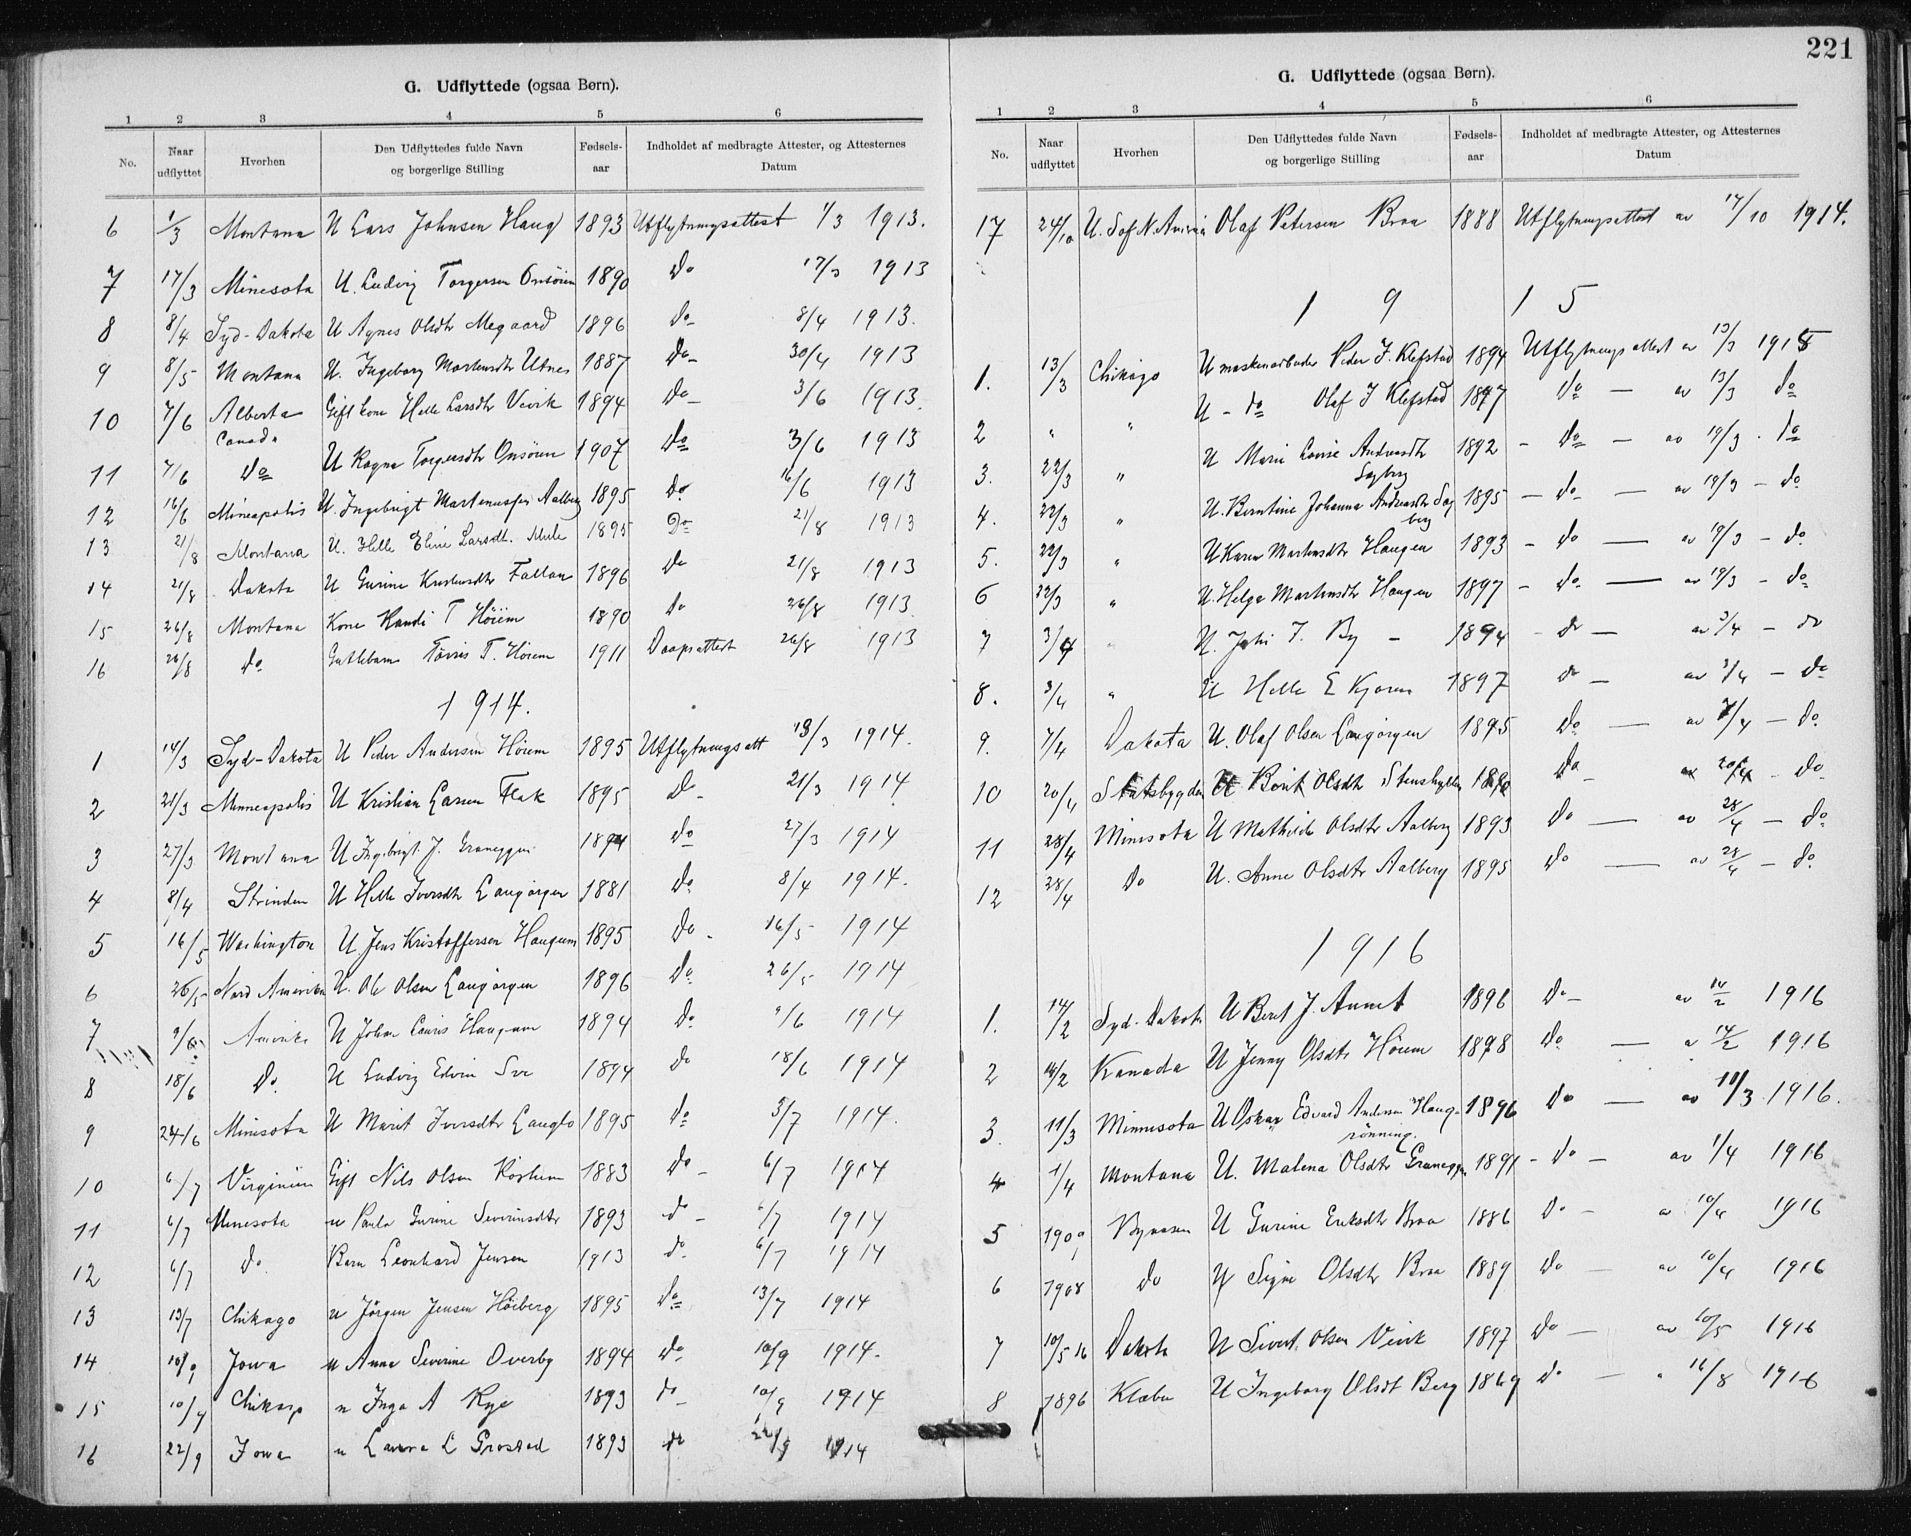 SAT, Ministerialprotokoller, klokkerbøker og fødselsregistre - Sør-Trøndelag, 612/L0381: Ministerialbok nr. 612A13, 1907-1923, s. 221